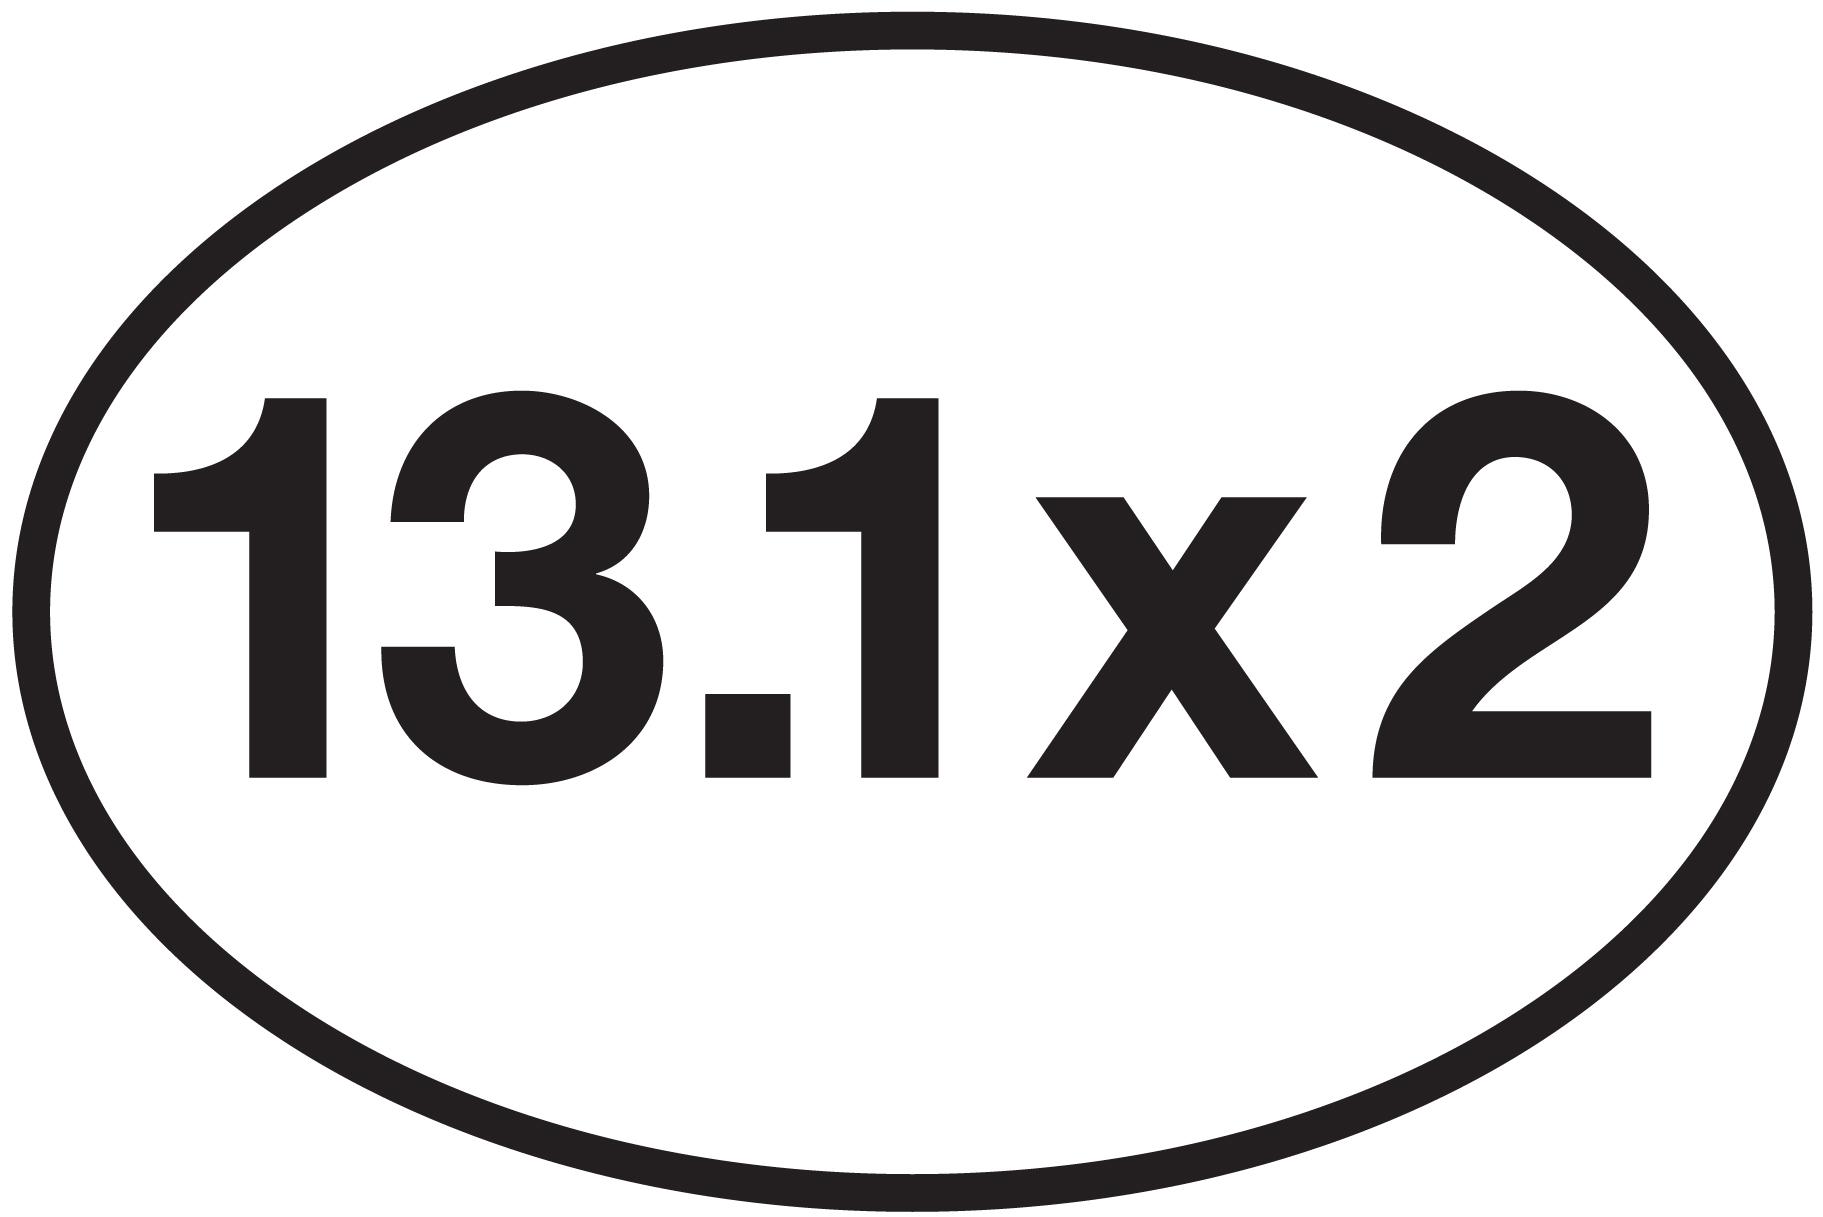 13 1 x 2 sticker 0